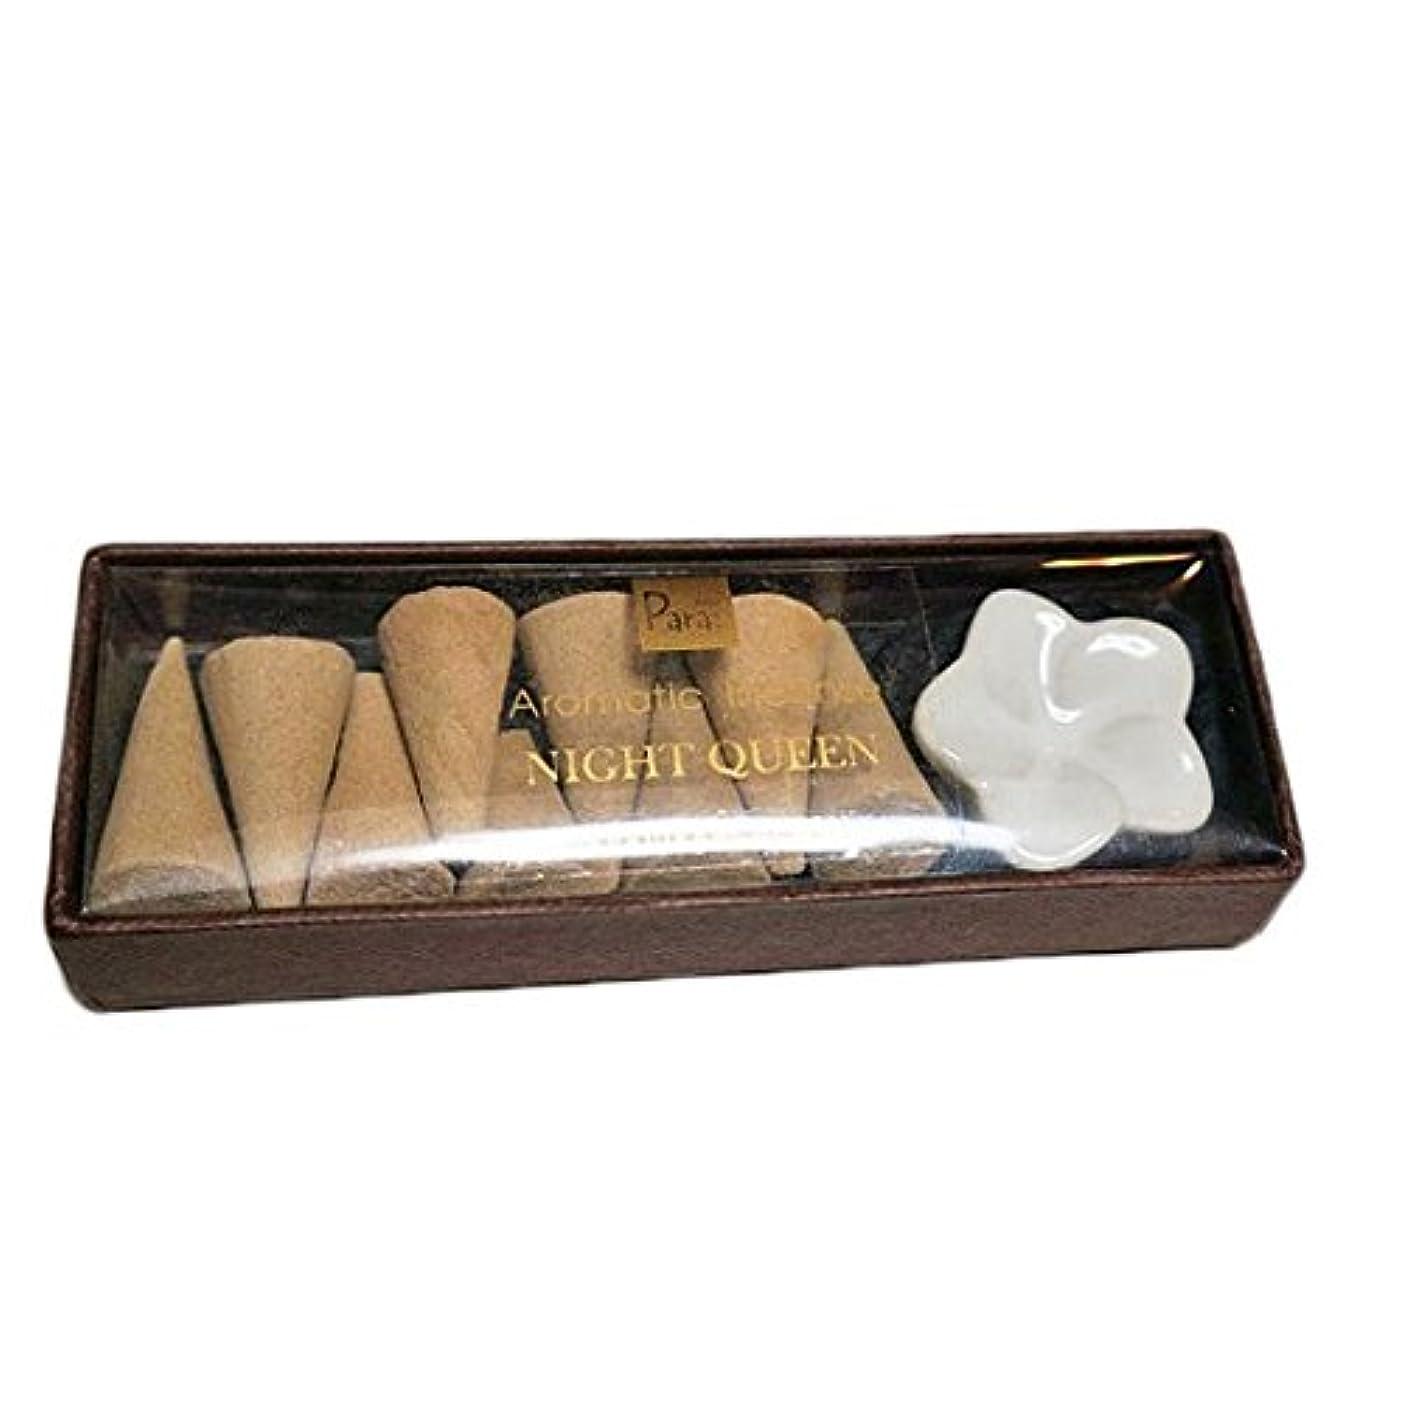 鉄道七時半聴衆ナイトクイーン お香セット【トコパラス TOKO PARAS】バリ島 フランジパニの陶器のお香立て付き ナチュラルハンドメイドのお香